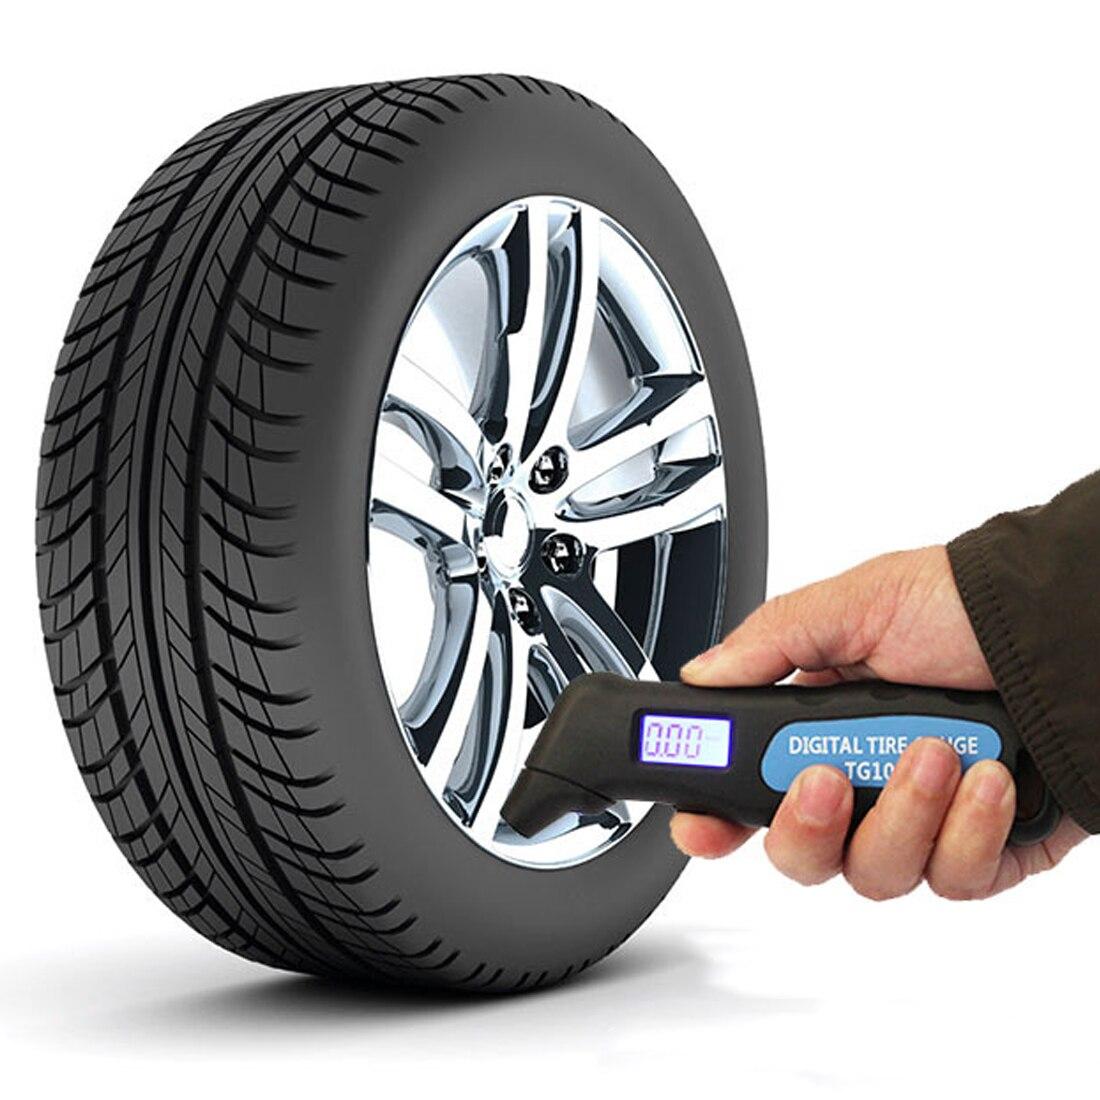 Цифровой манометр для автомобильных шин TG105 цифровой манометр барометр тестер цифровой ЖК-дисплей для автомобильных инструментов